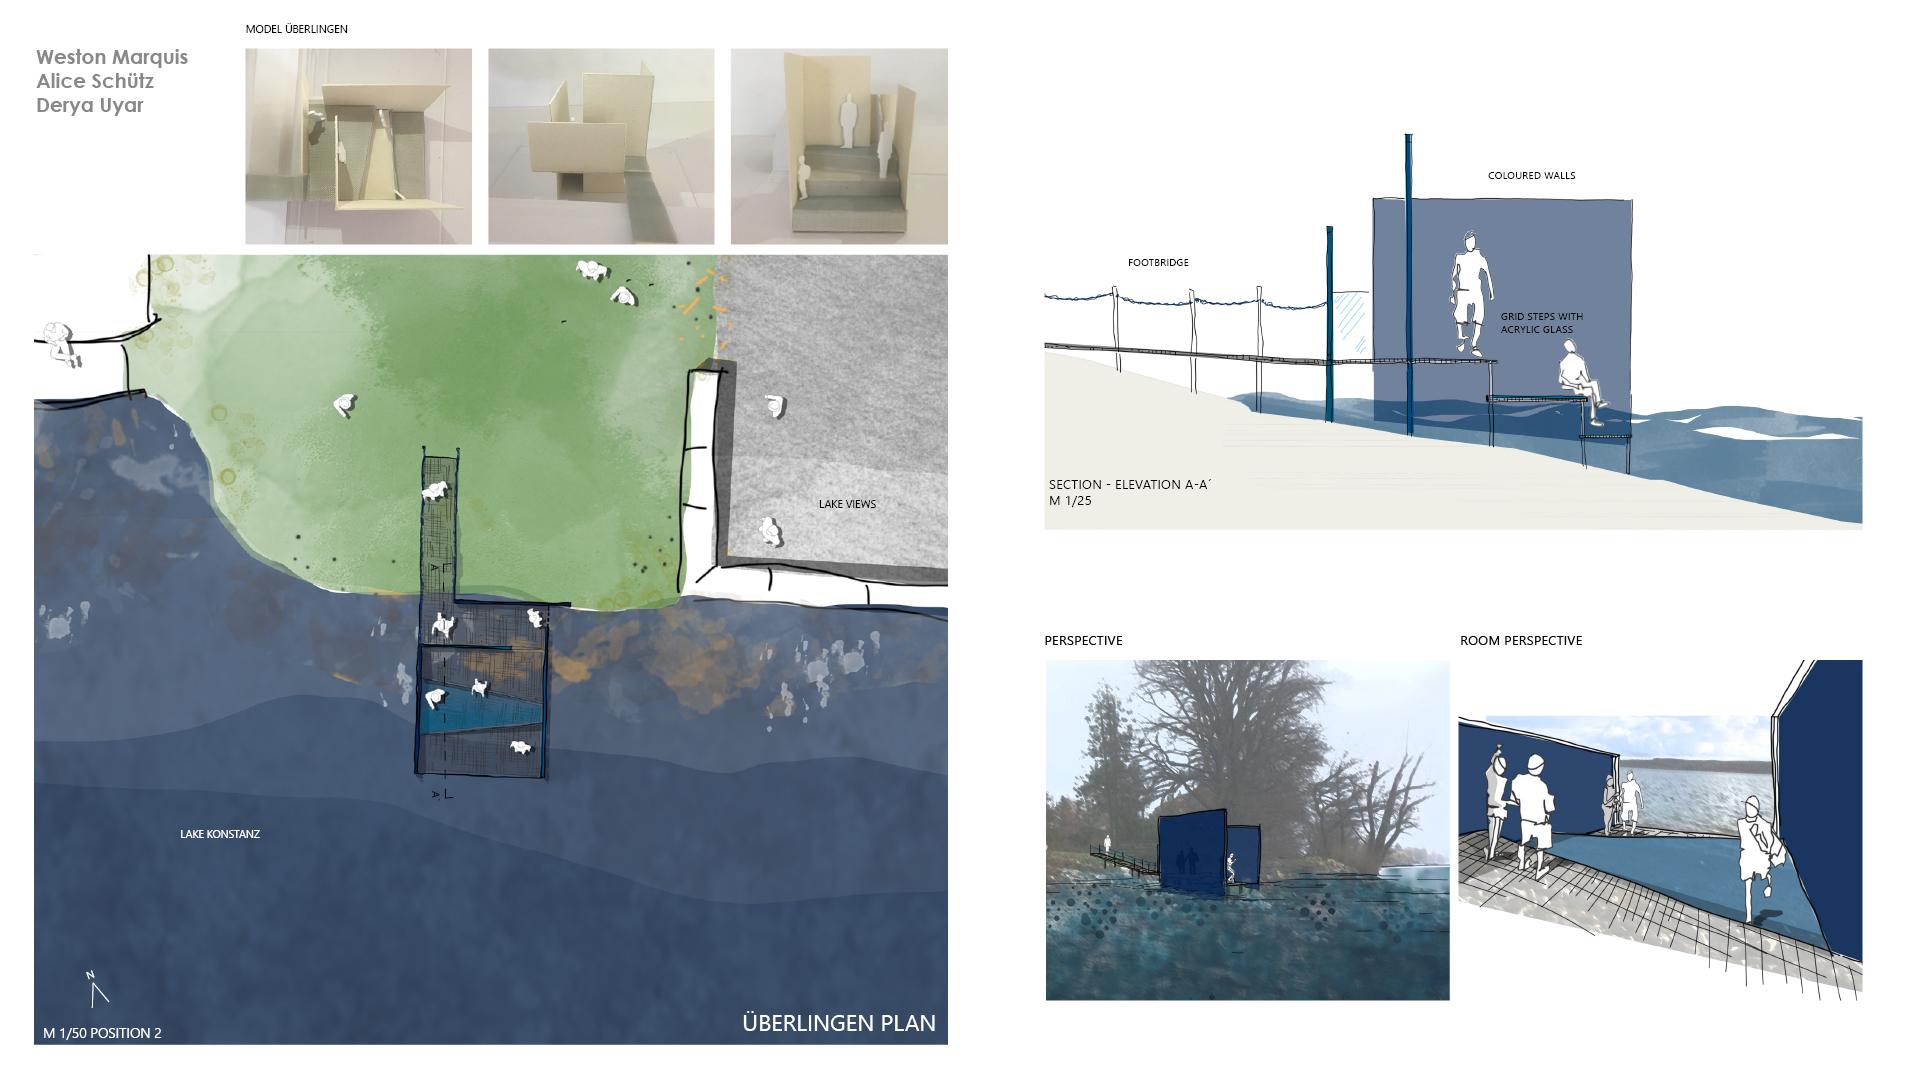 19.LA8 Workshop Water Gardens Above Below2